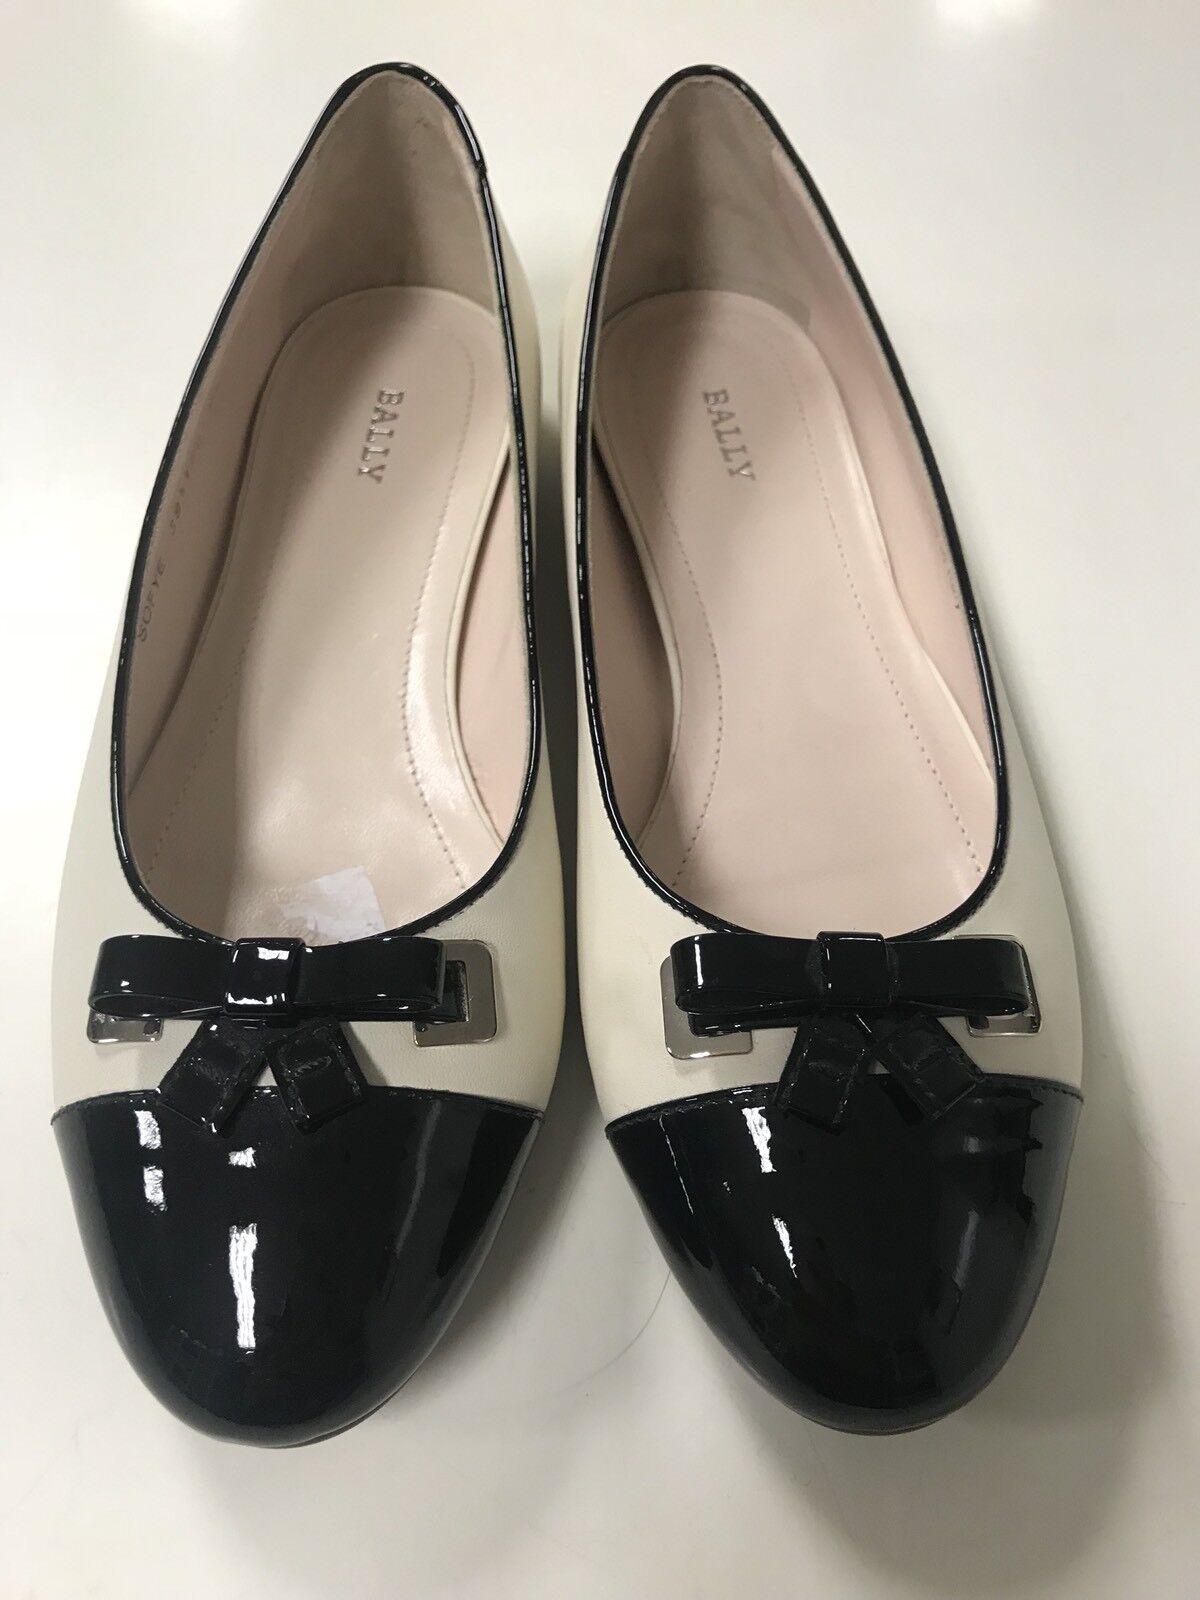 Bally scarpe Ballerine Ballet Flats Donna donna Dimensione 39,5